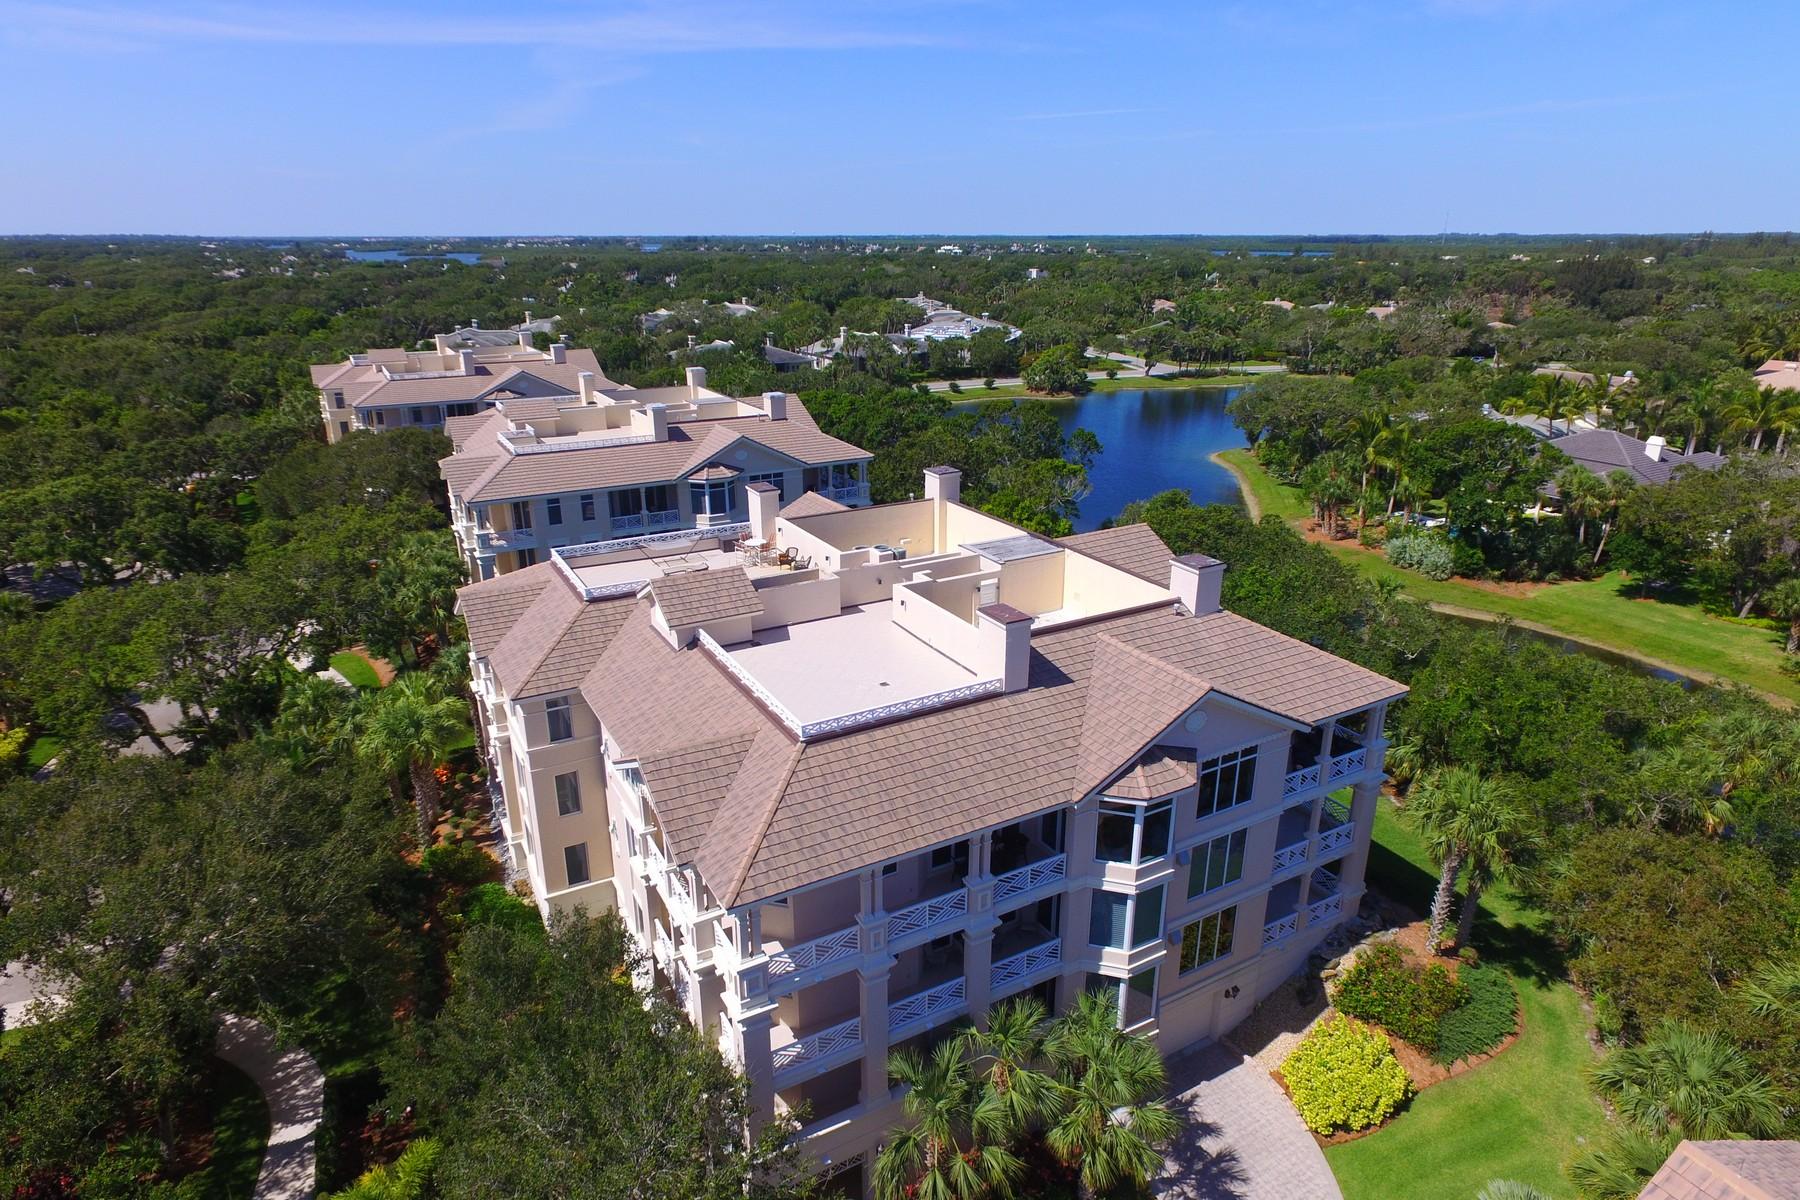 Condomínio para Venda às Beautifully Appointed Luxury Condo 701 N Swim Club DR, #4B Vero Beach, Florida, 32963 Estados Unidos